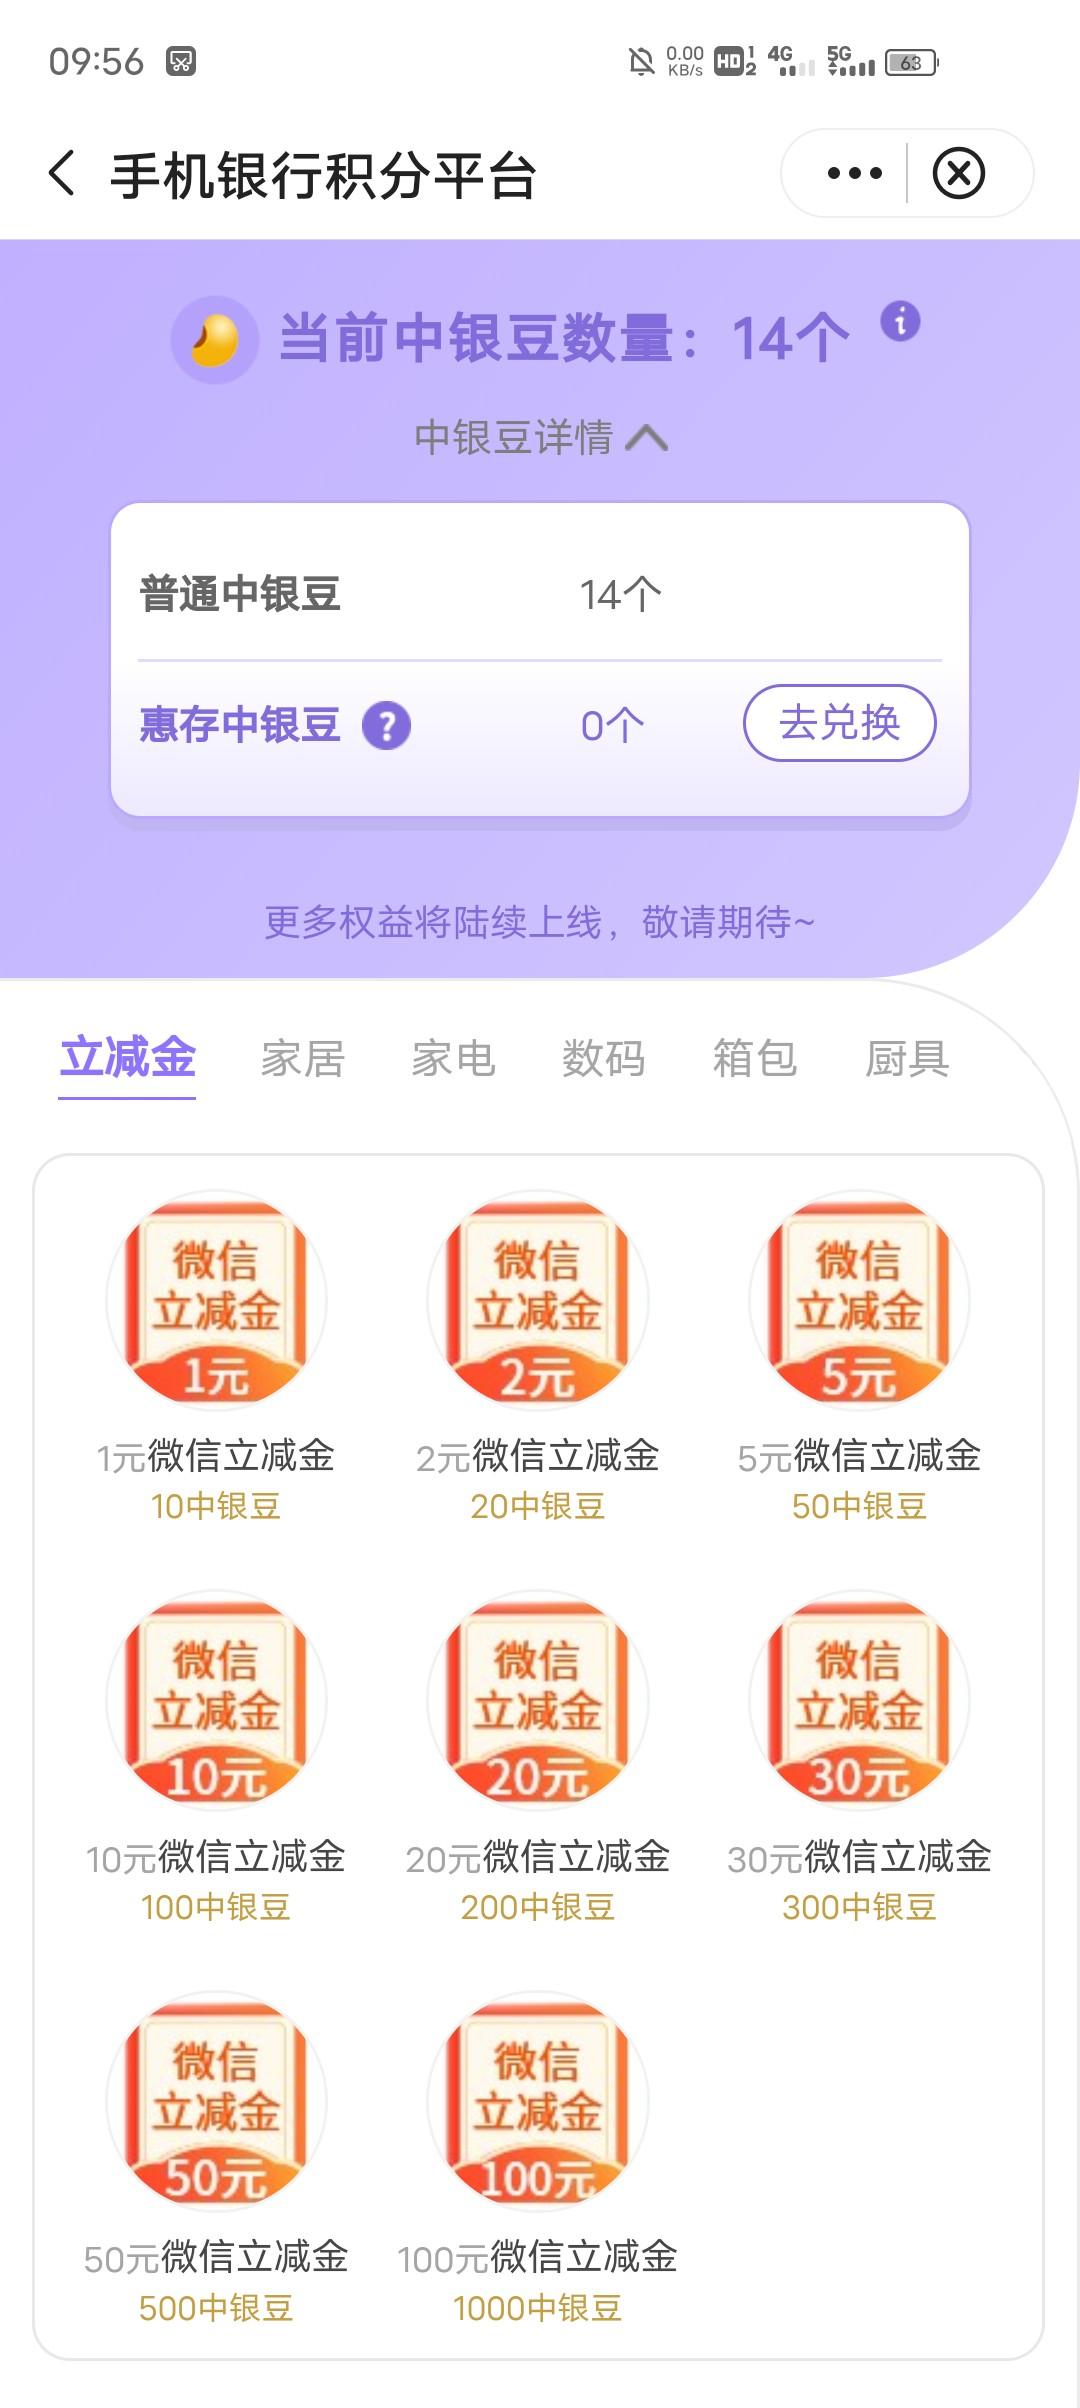 中国银行app中银豆兑换话费,微信立减券